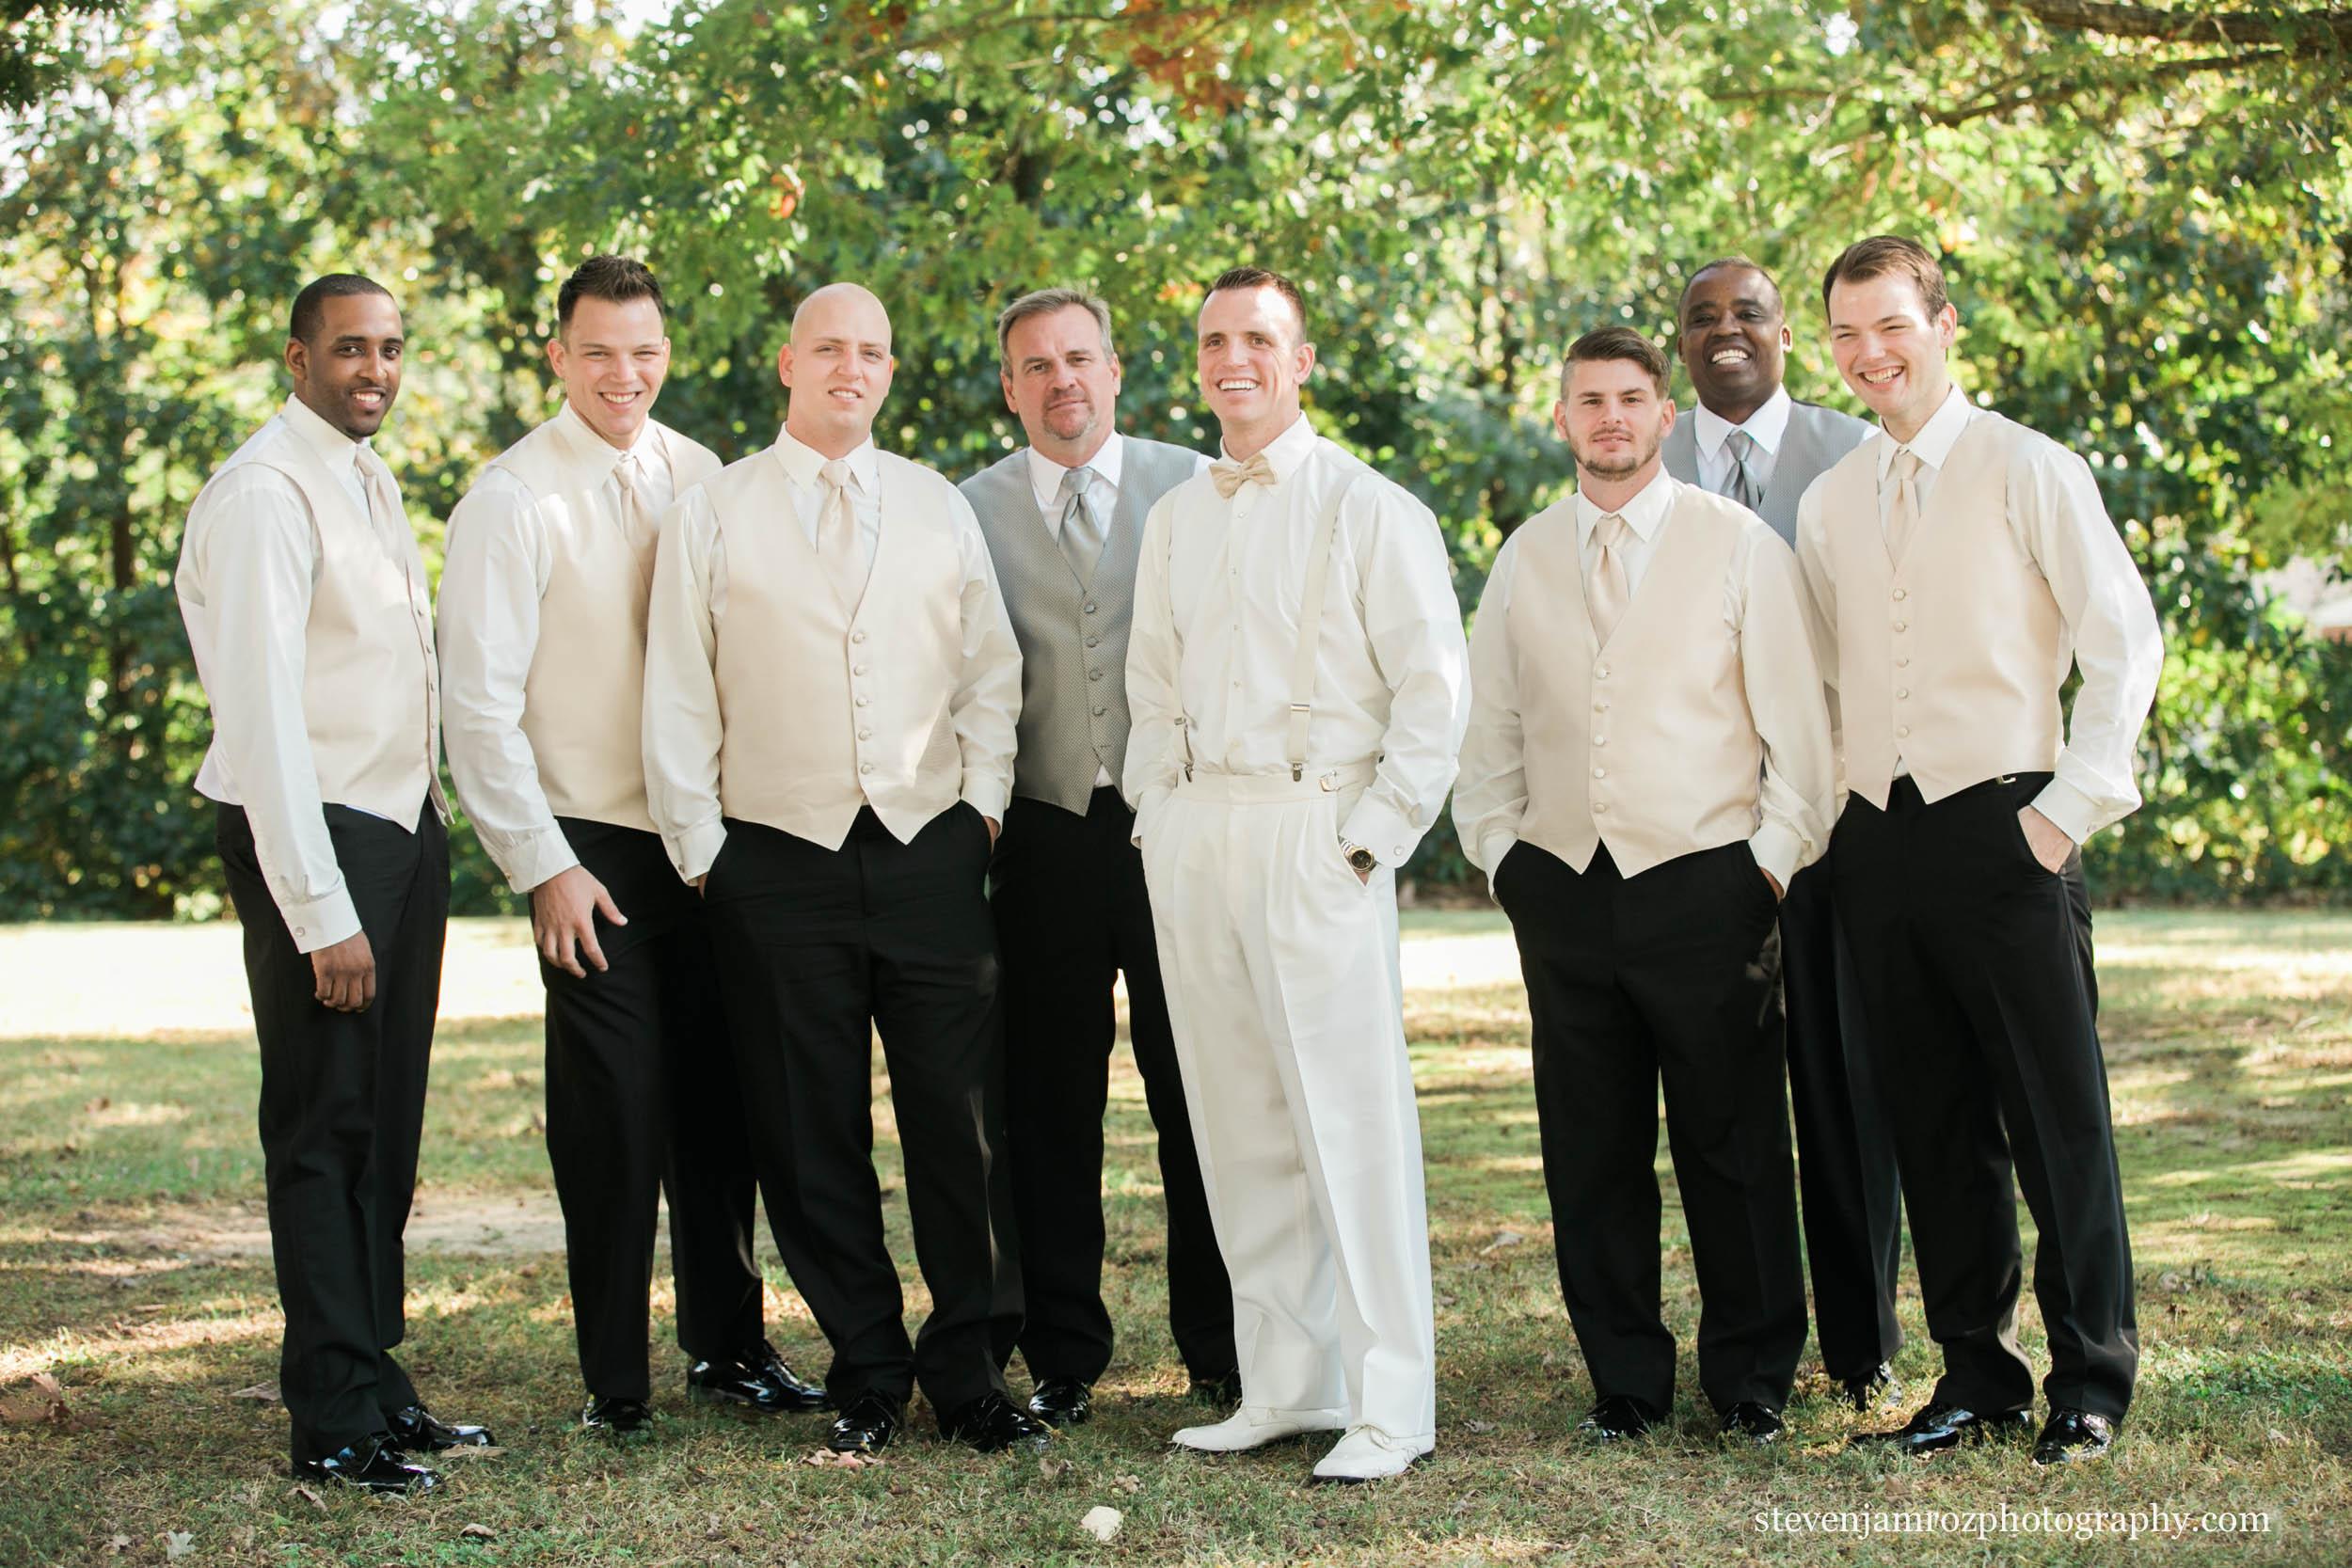 guys-white-vests-groomsmen-raleigh-steven-jamroz-photography-0091.jpg